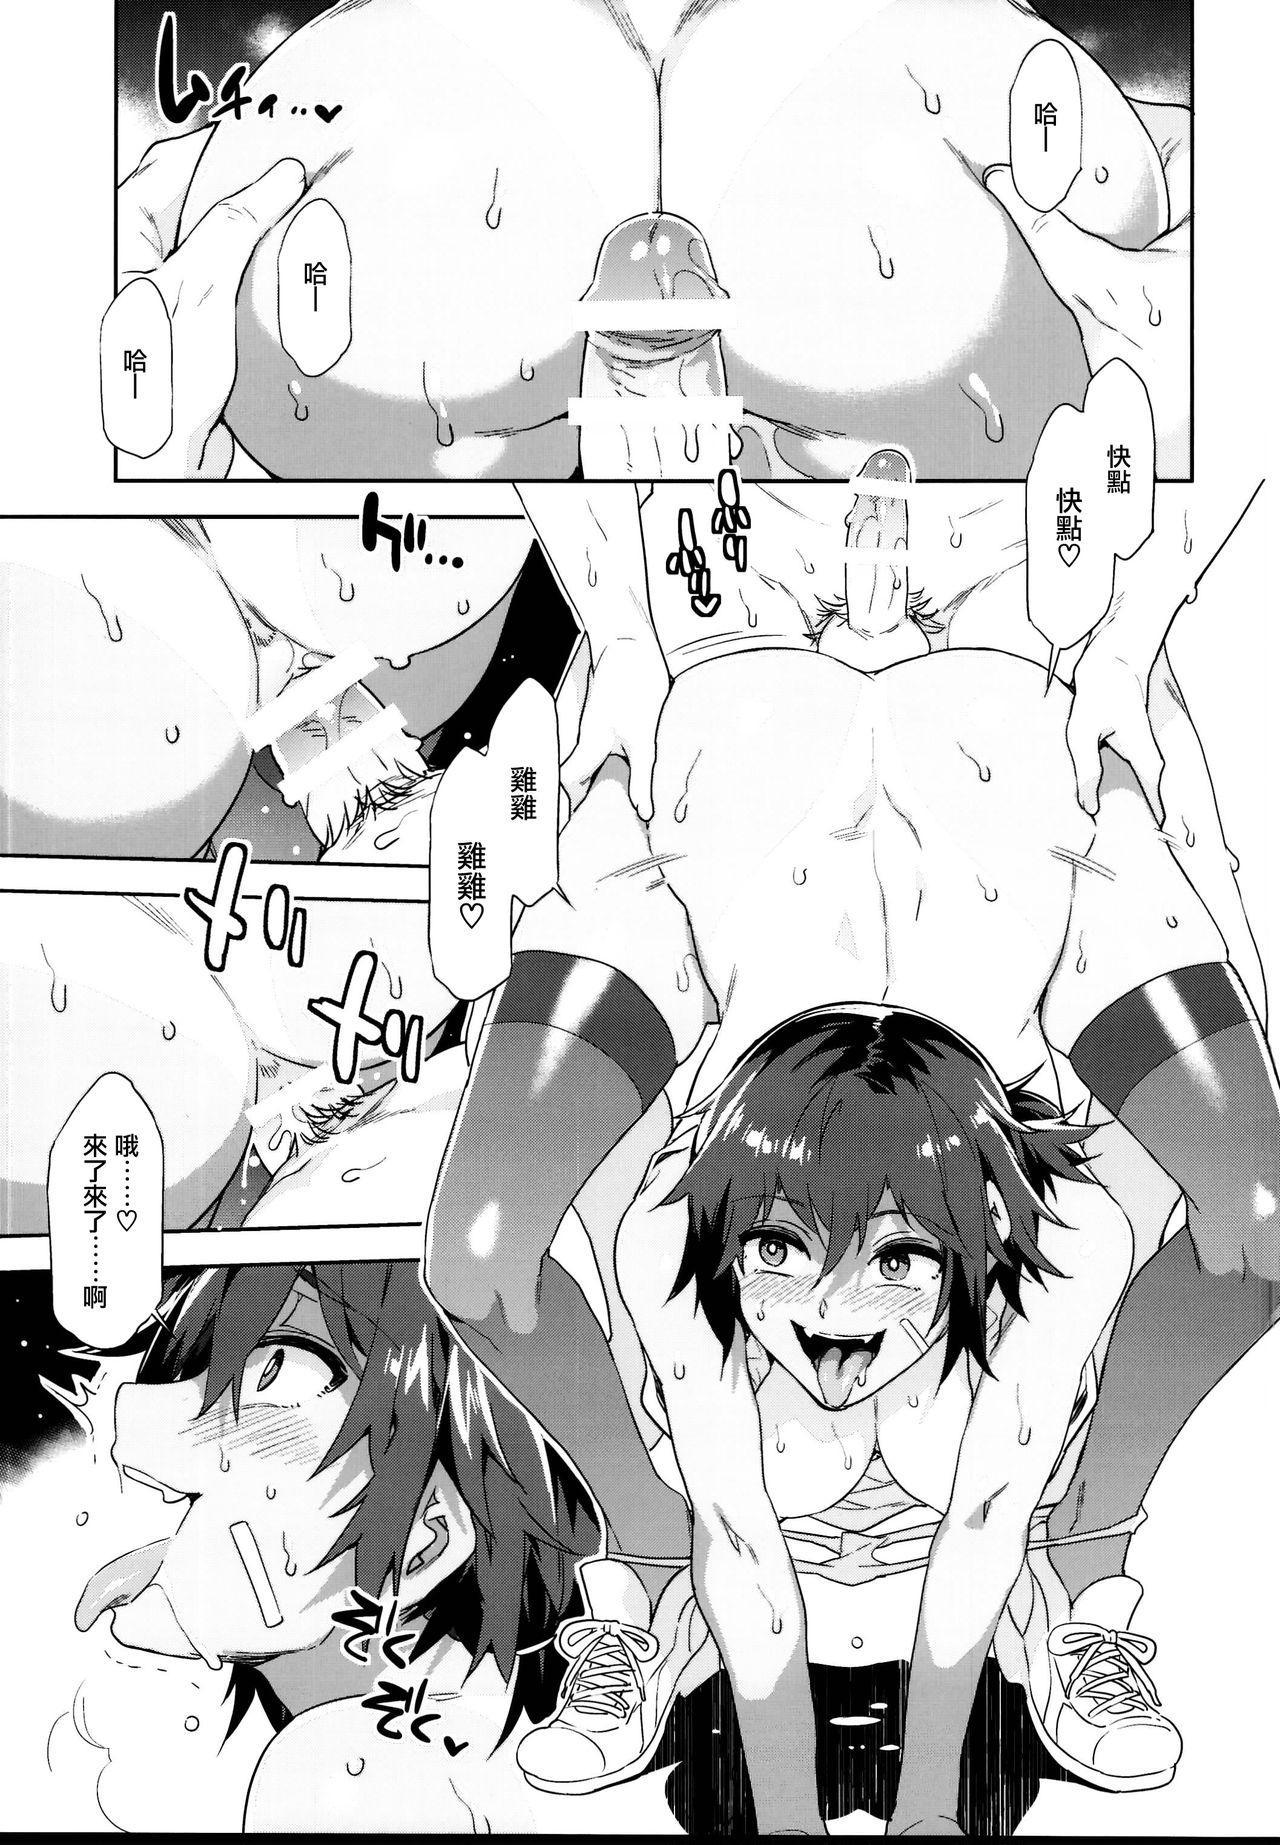 Teisou Kannen Zero no Onna Tomodachi 20